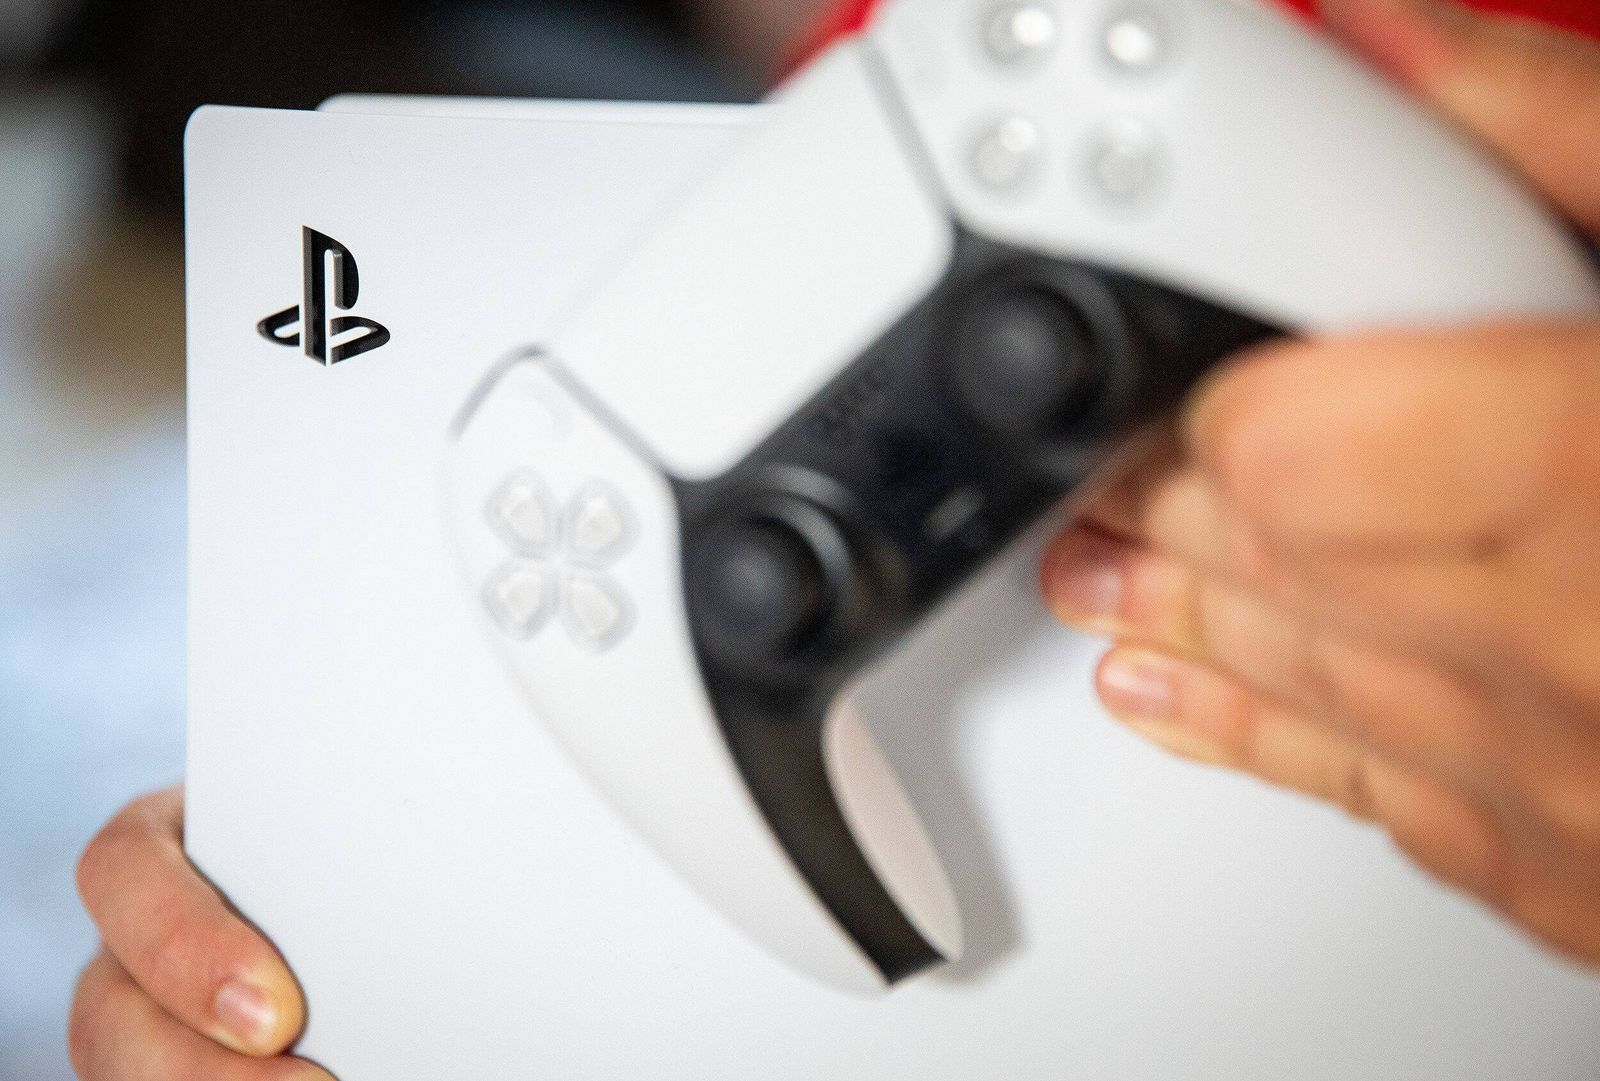 19-11-2020, Dordrecht - Nederlandse gamers kunnen vanaf vandaag de langverwachte PlayStation 5 gameconsole van Sony aans